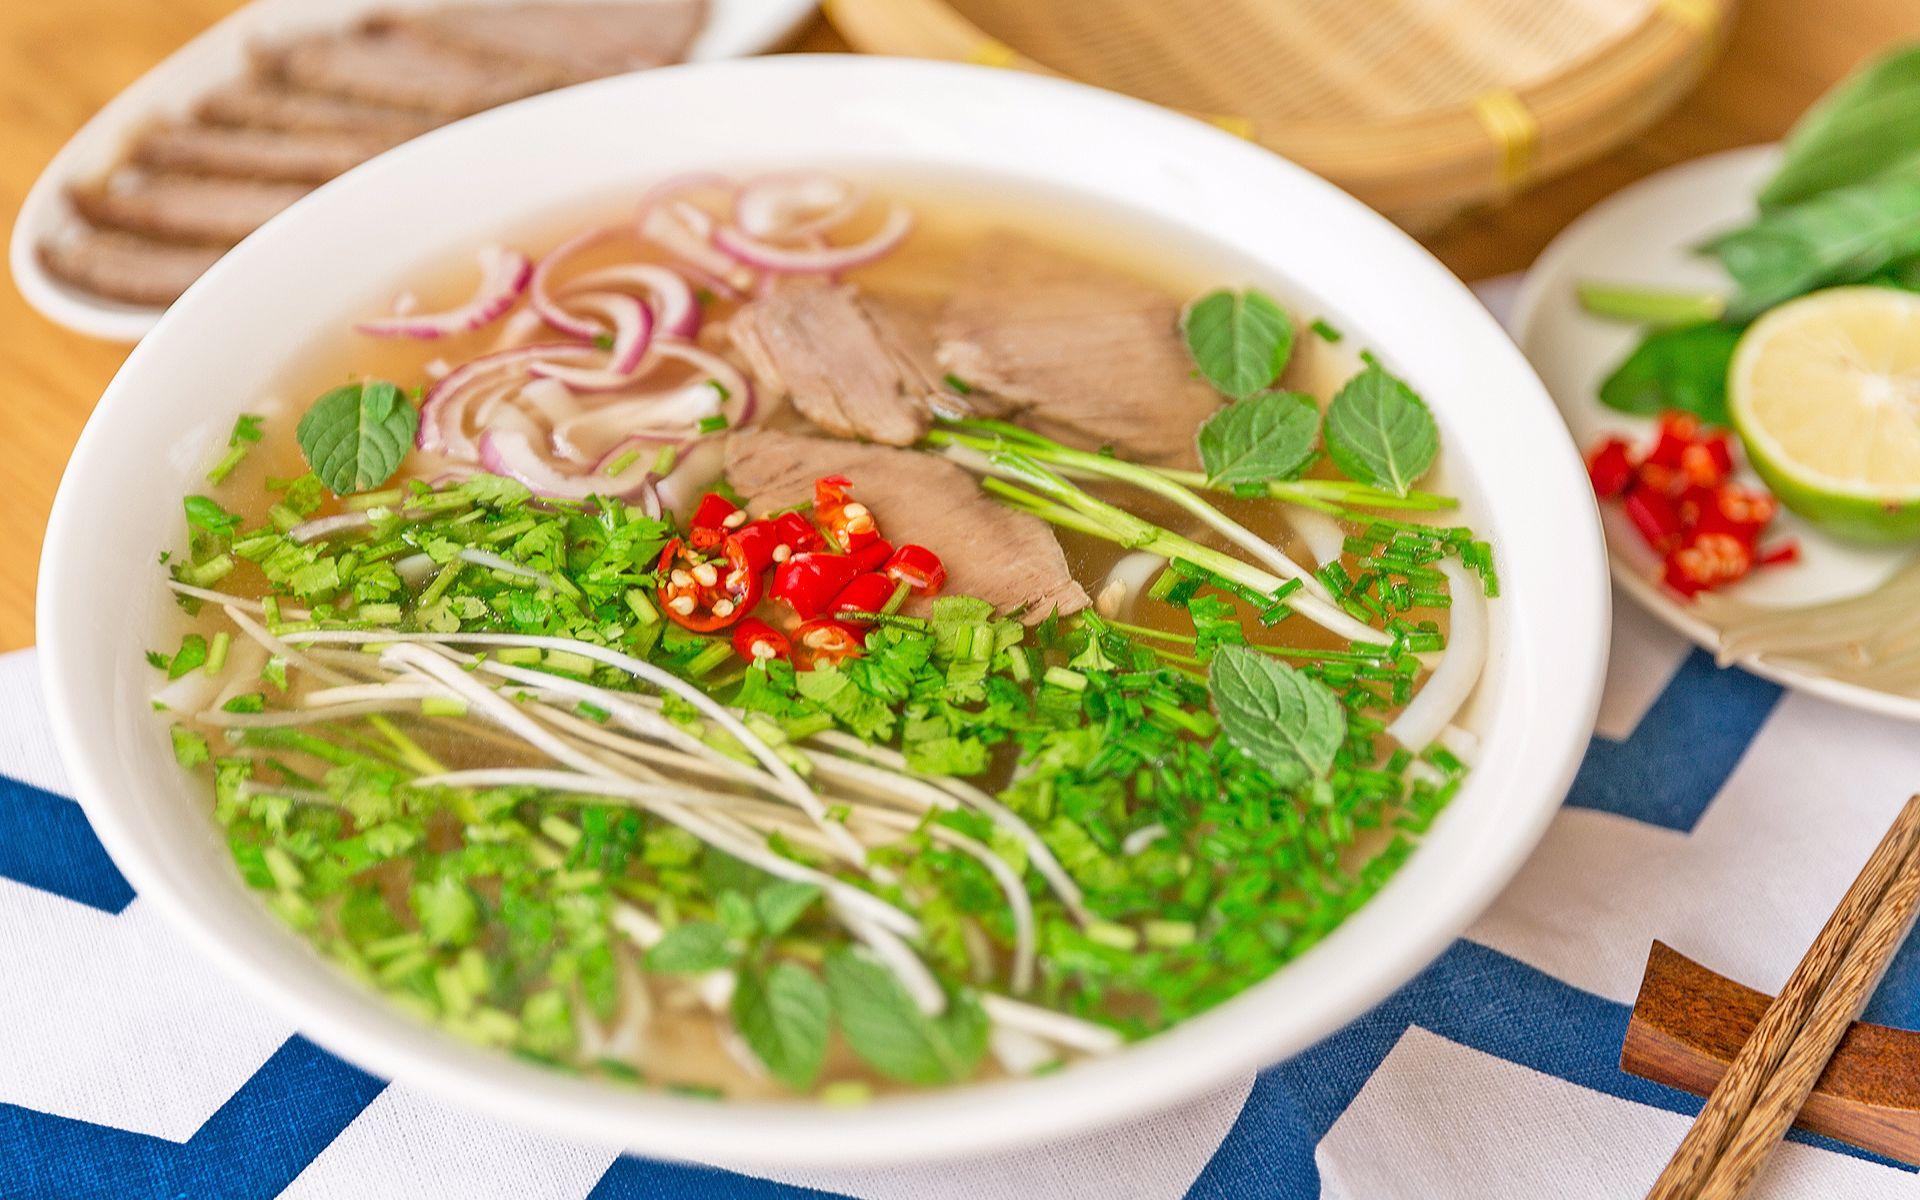 教你做越南牛肉湯河粉PHO丨綿羊料理_美食圈_生活_bilibili_嗶哩嗶哩